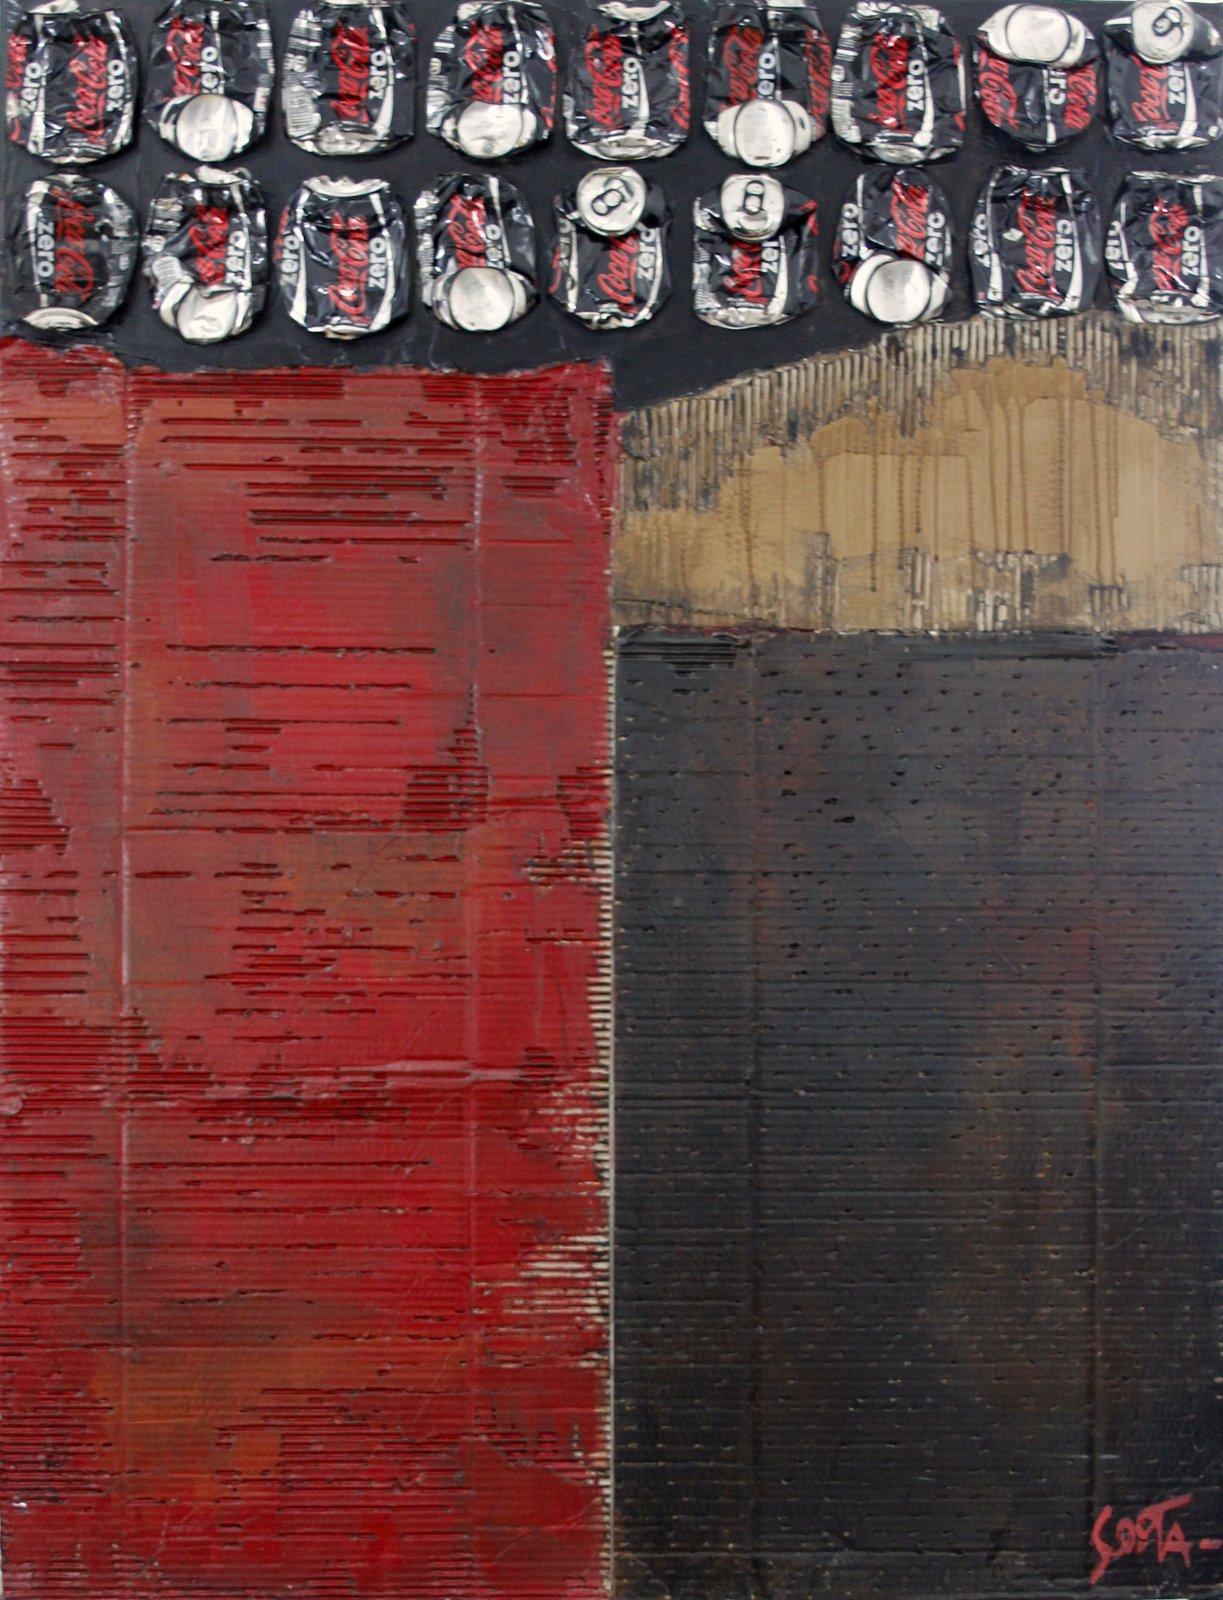 Toile abstraite contempraine Rouge/noir/cartons/canette de coca cola zero Tableau Contemporain, Waste Art. Sophie Costa, artiste peintre.